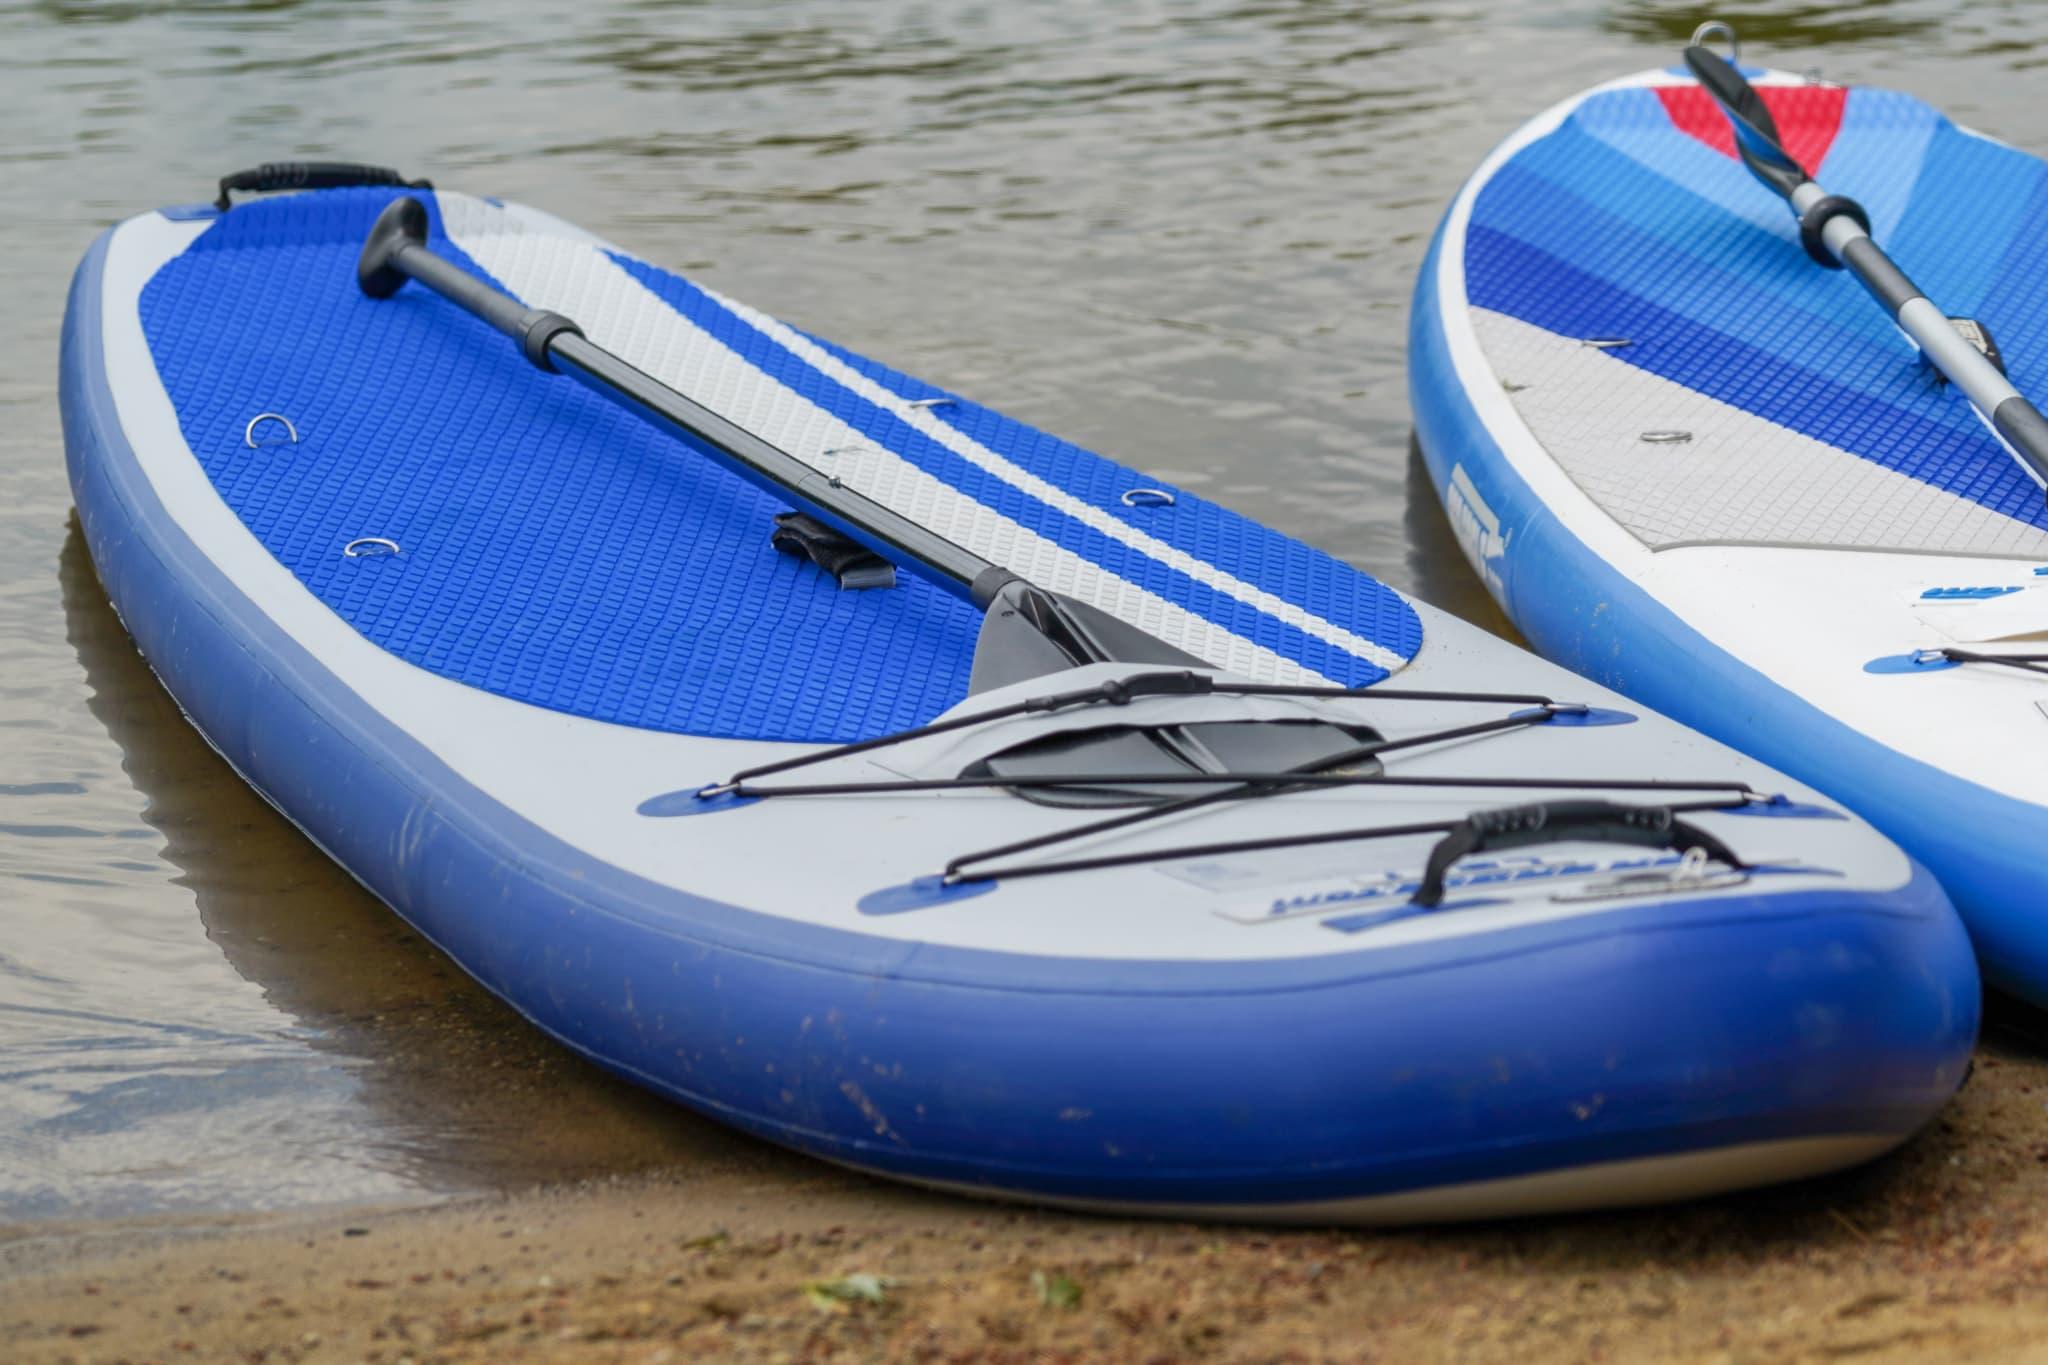 Sea Eagle LB11 SUP paddle board review